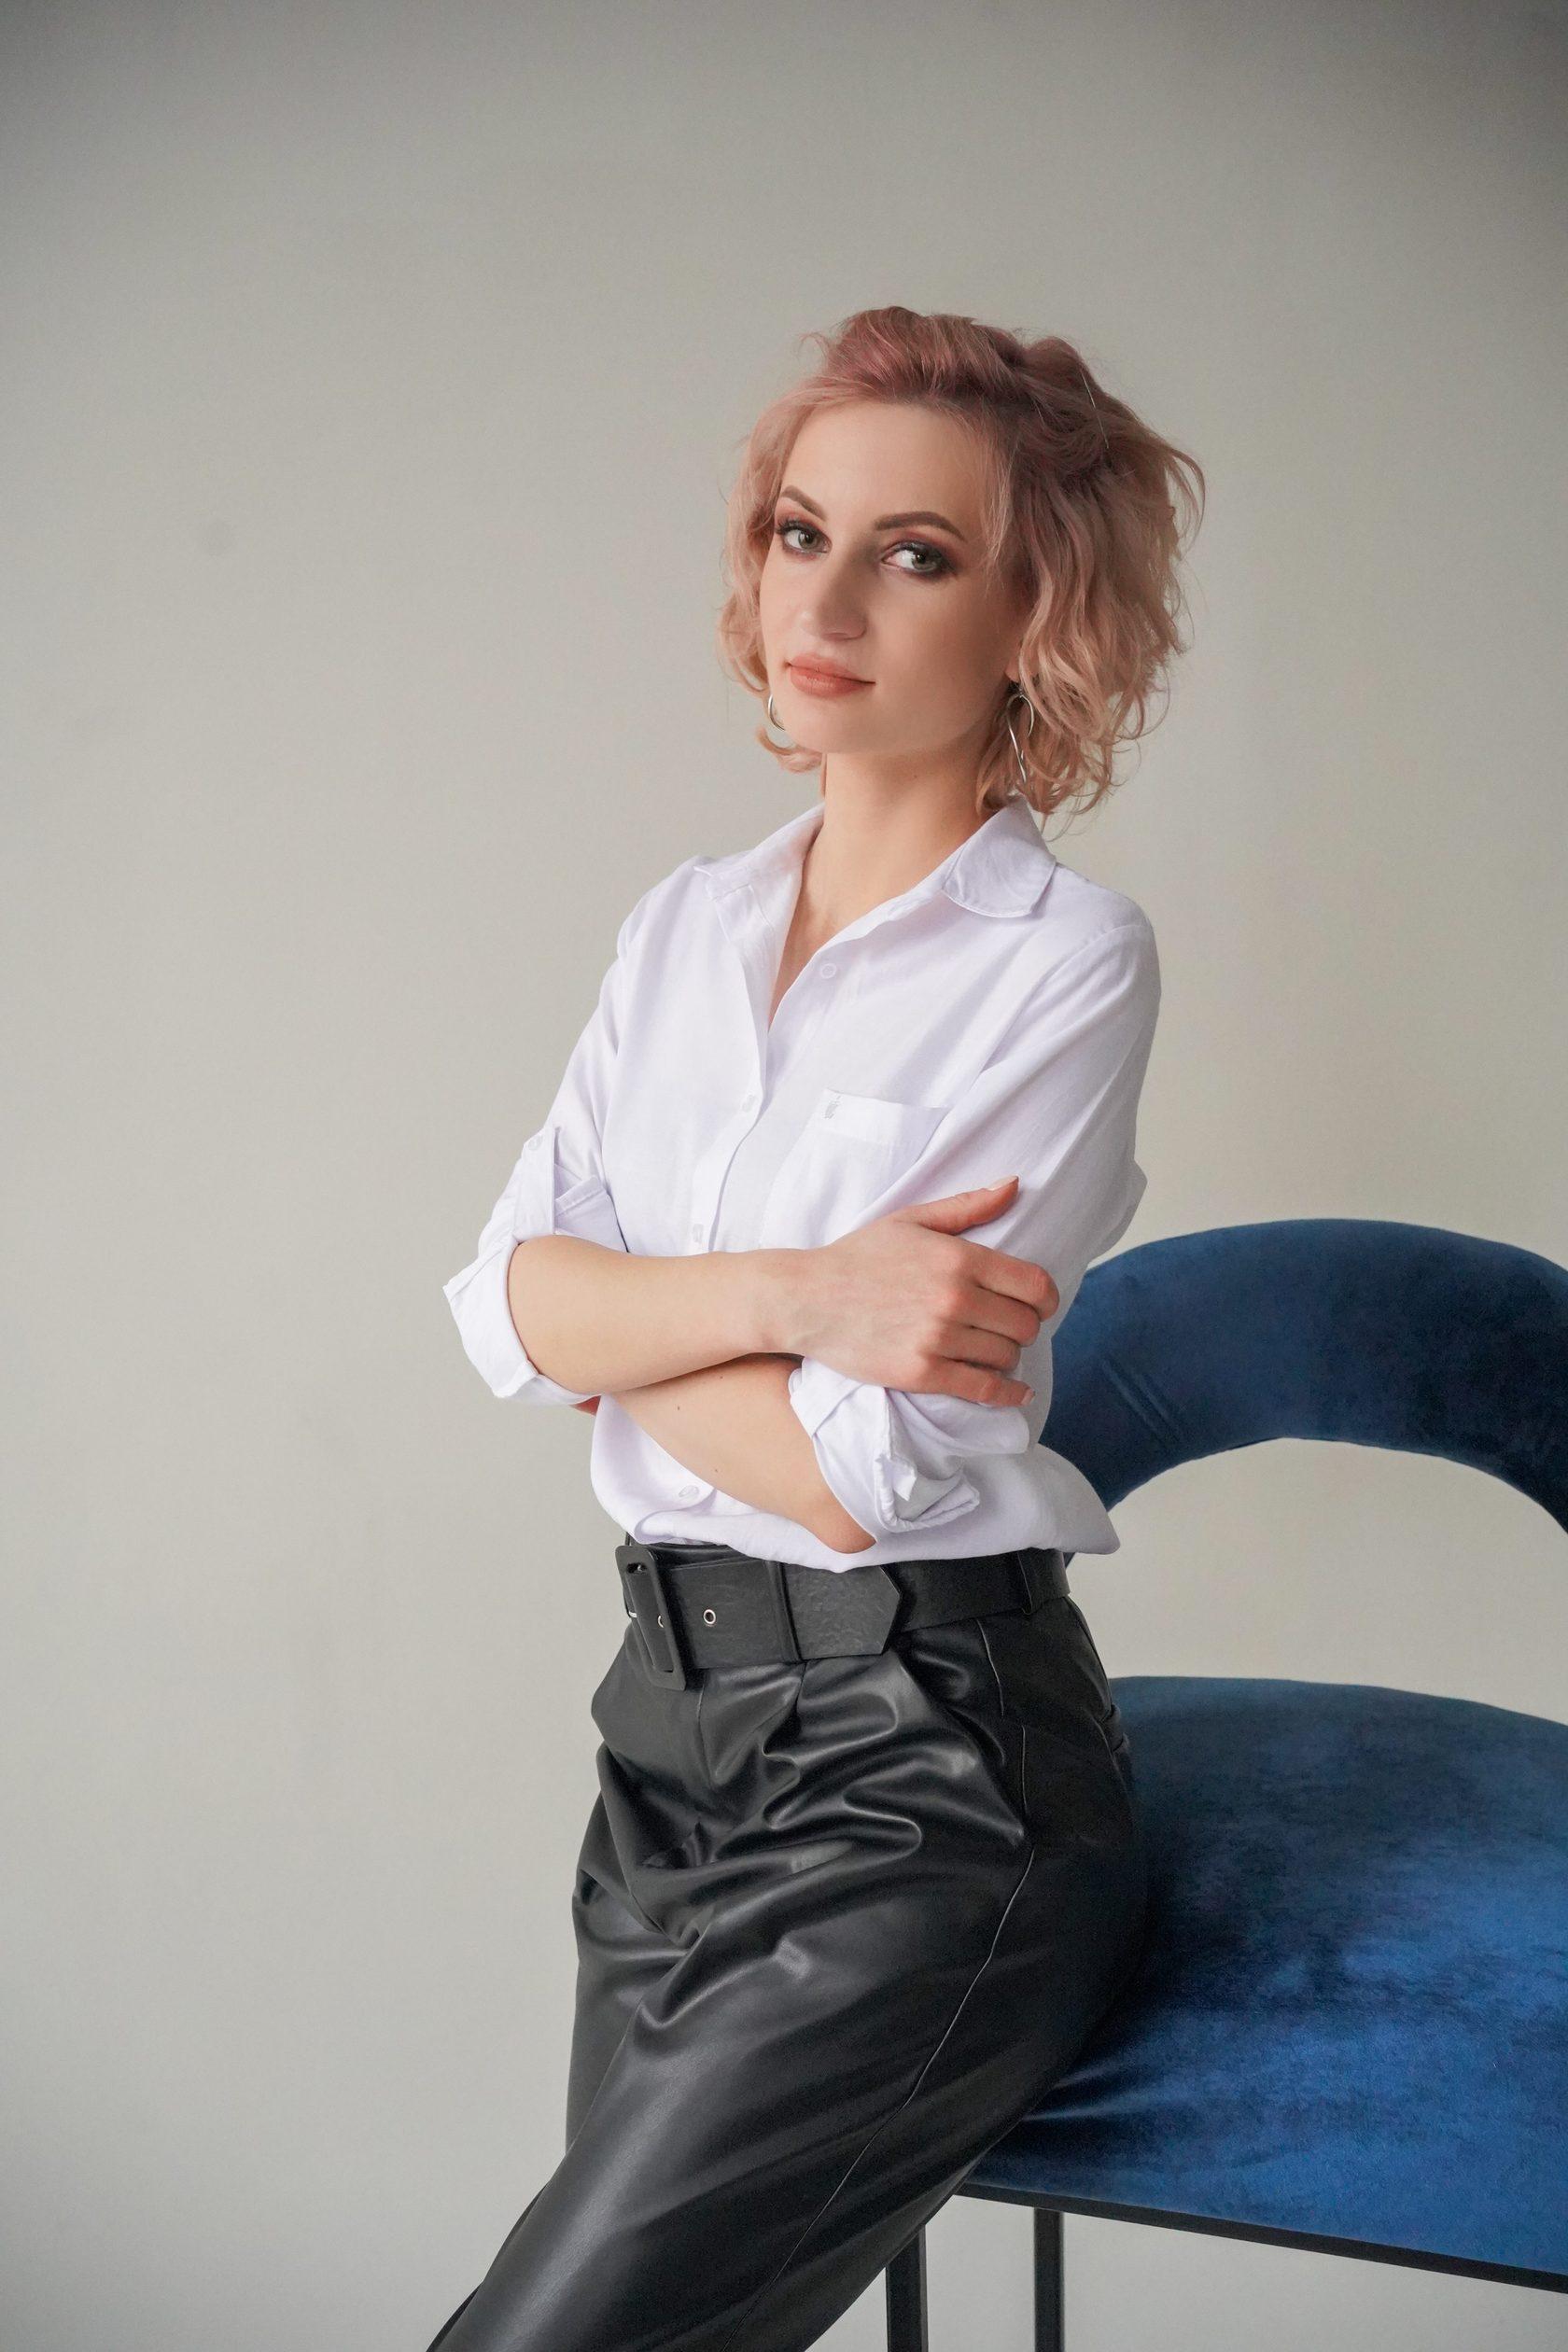 Руководитель Дизайн студии Татьяна Захарова